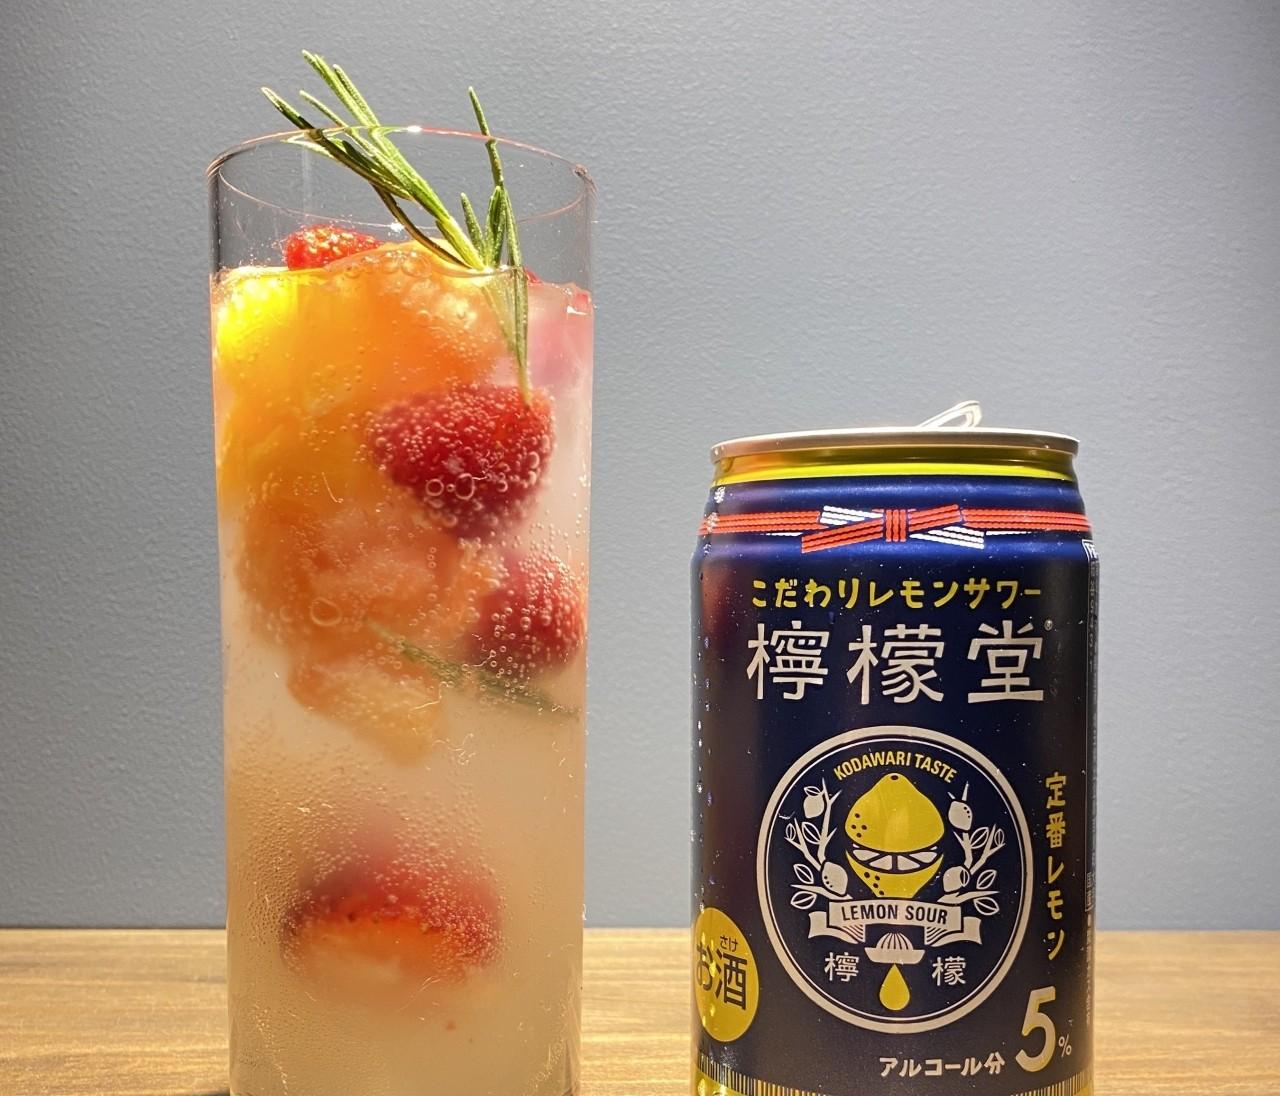 【自宅BARの始め方】缶チューハイ「檸檬堂」のアレンジカクテルが美味!